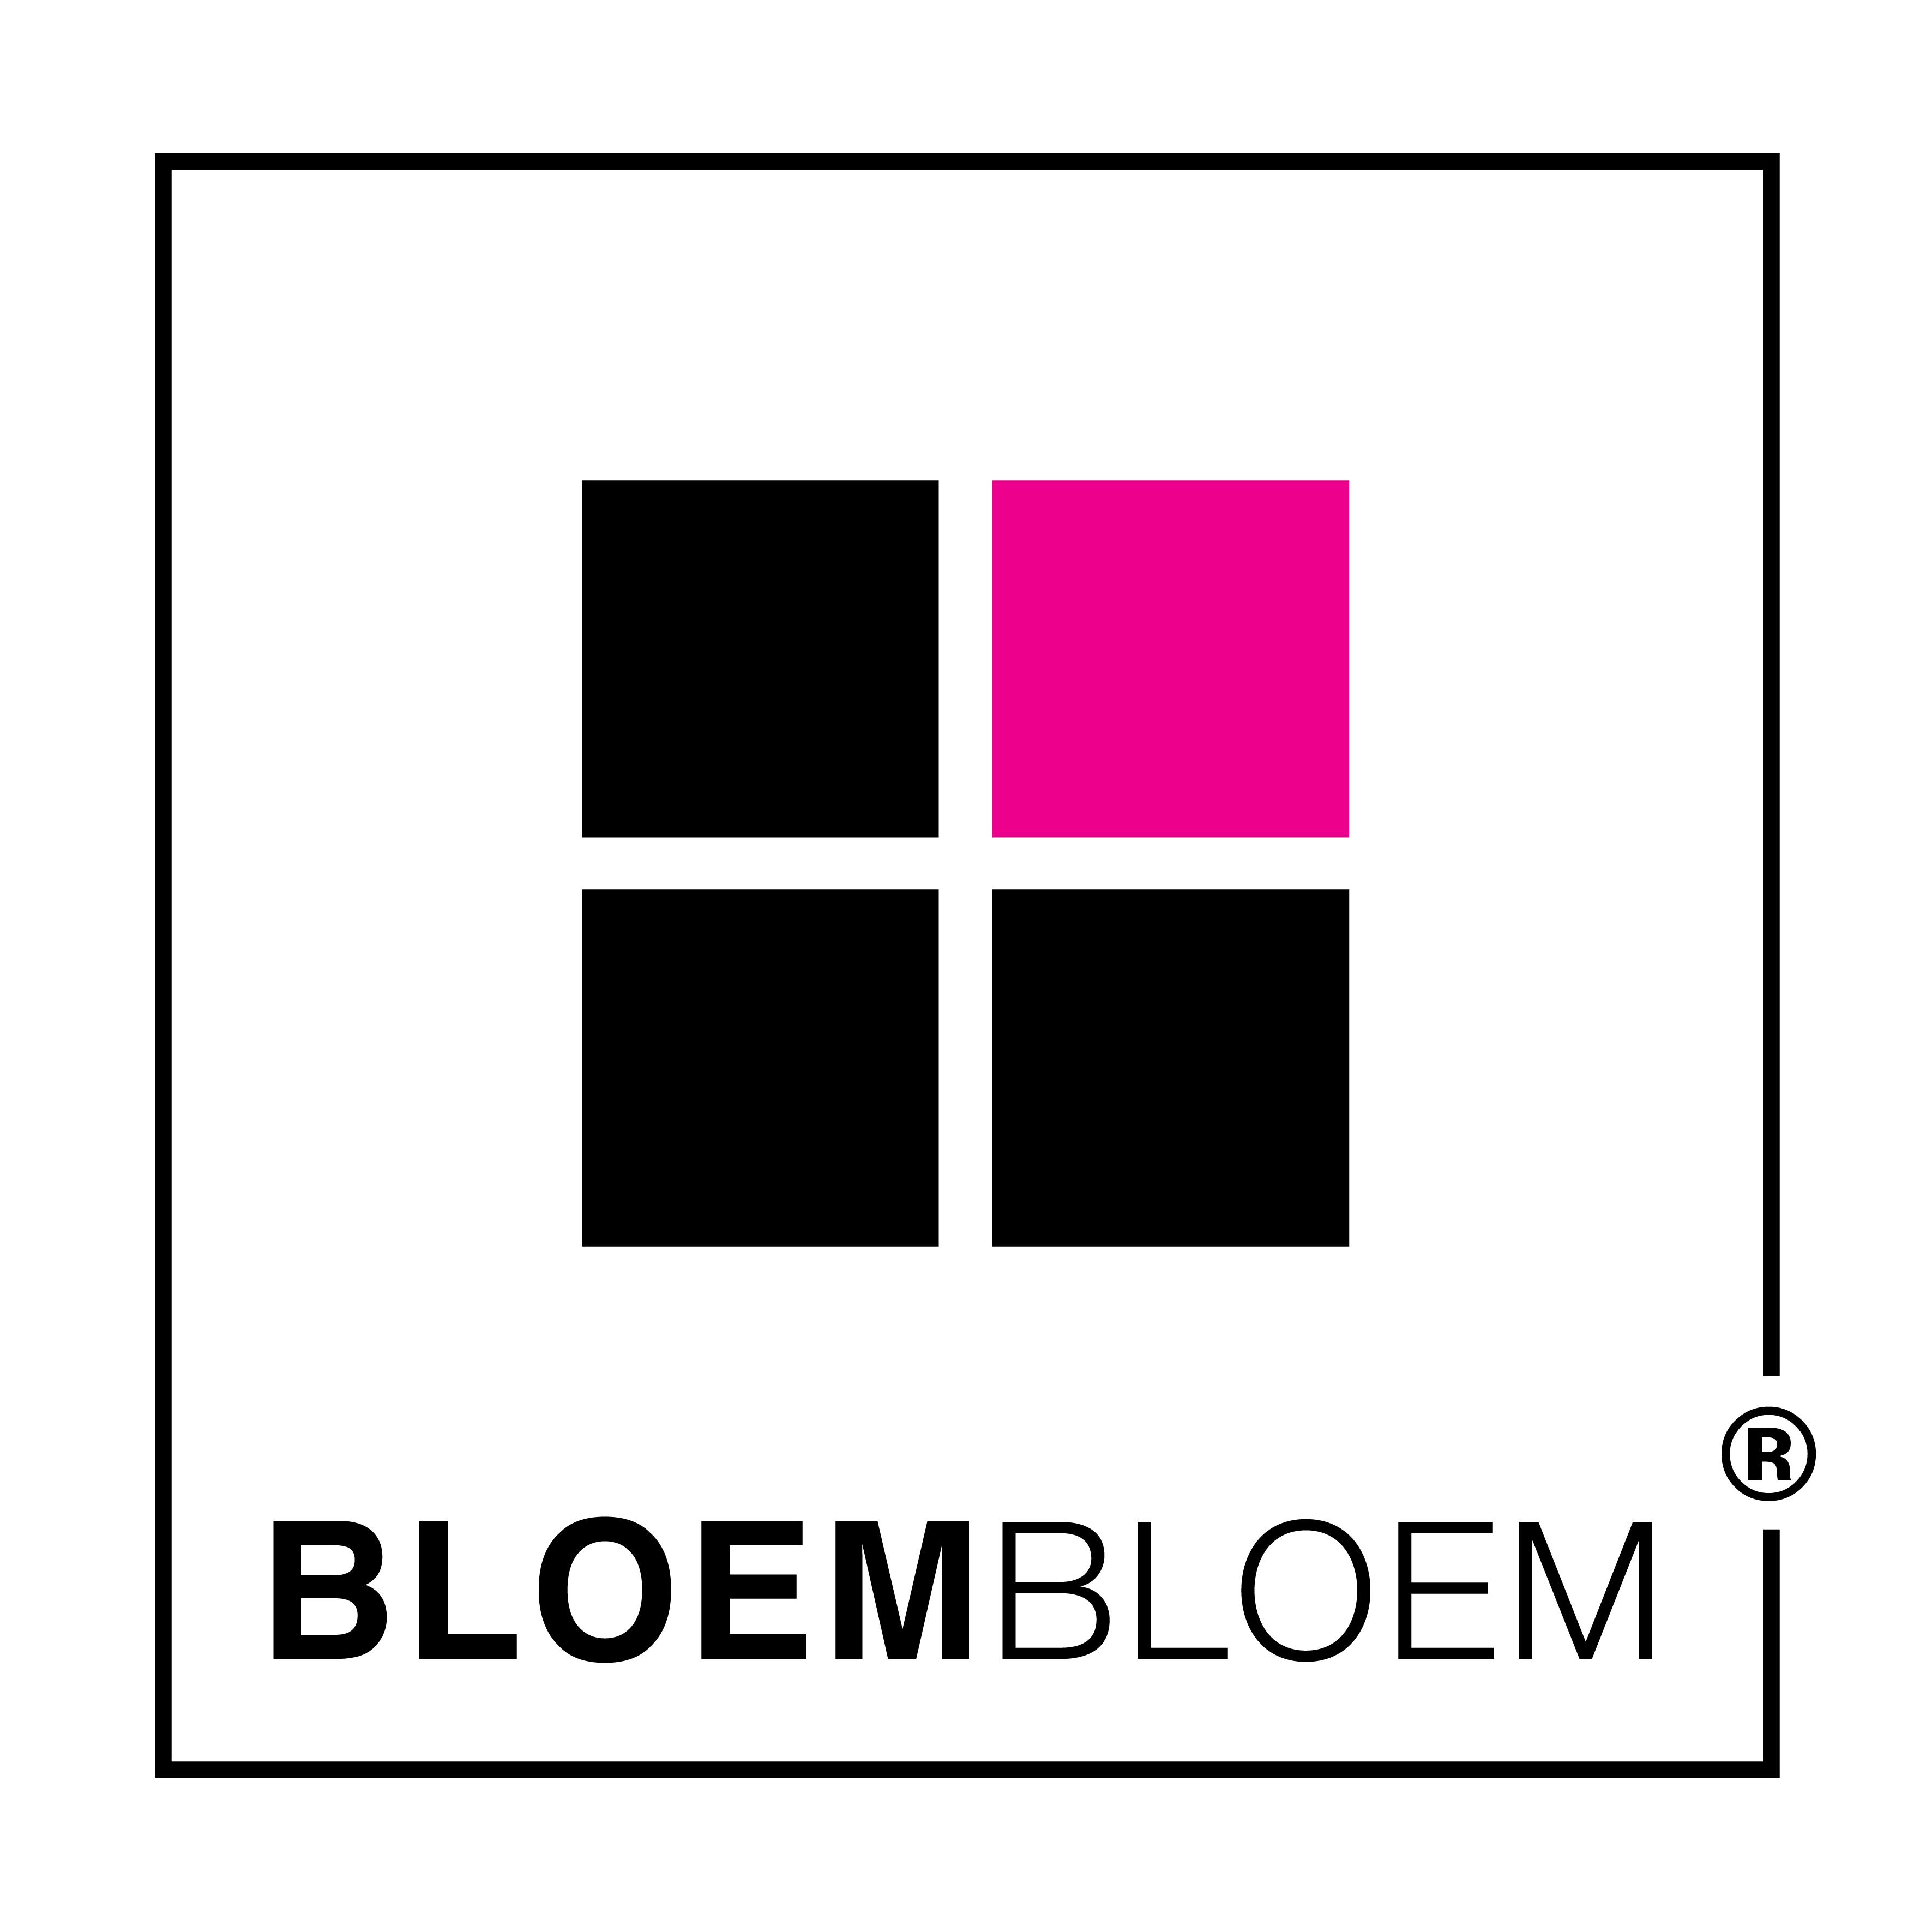 BloemBloem - Zorgen voor de juiste ambiance. Met de mooiste bloemen en planten, het juiste meubilair en sfeervolle decoraties.